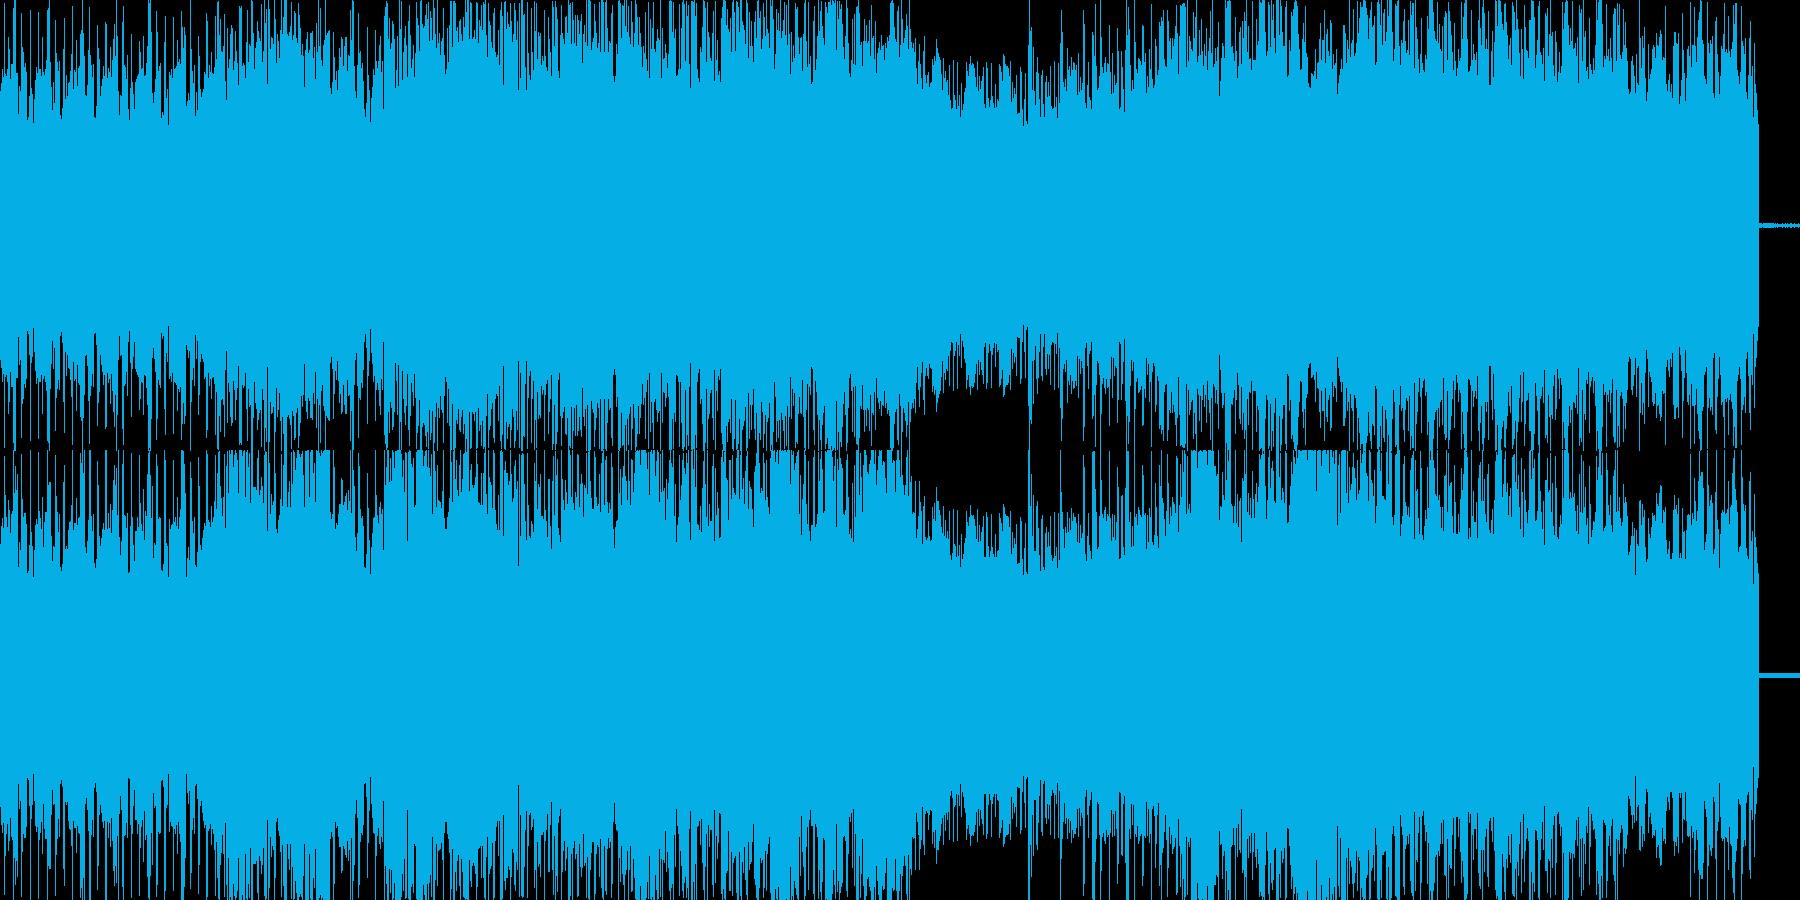 スイング、ジャズなクラブサウンドの再生済みの波形